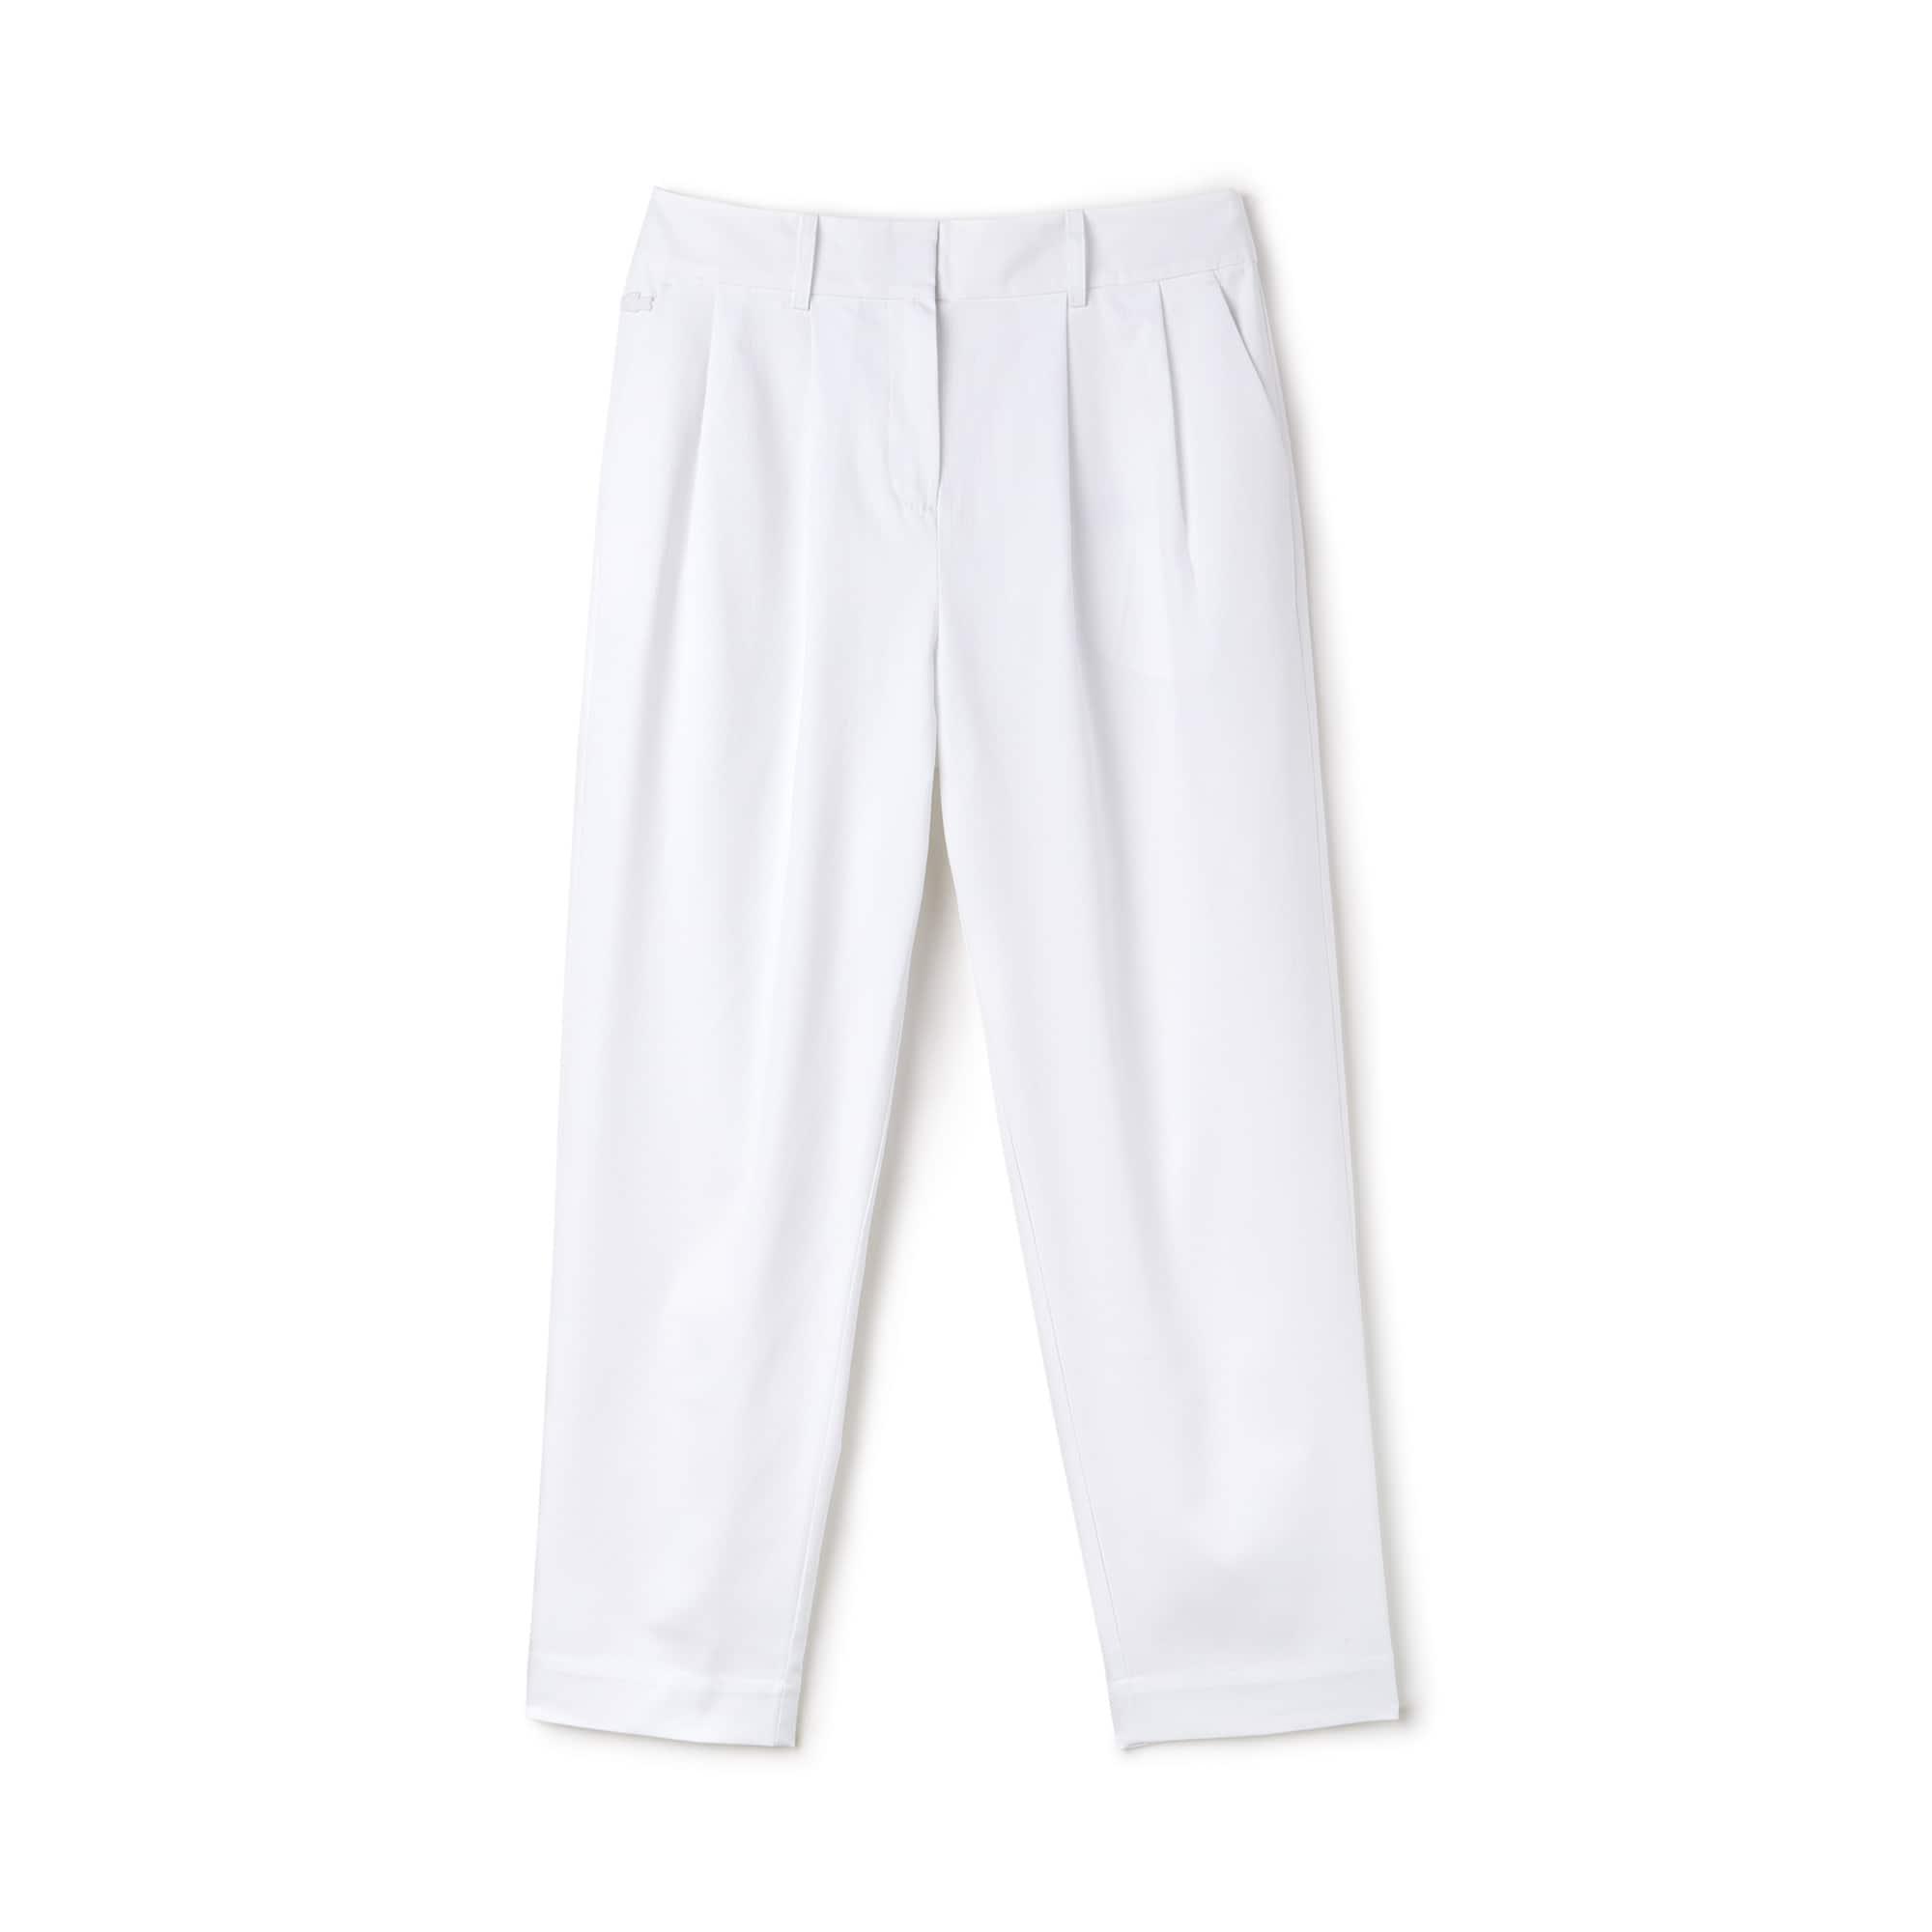 Calças com pinças carrot fit em algodão texturado unicolor